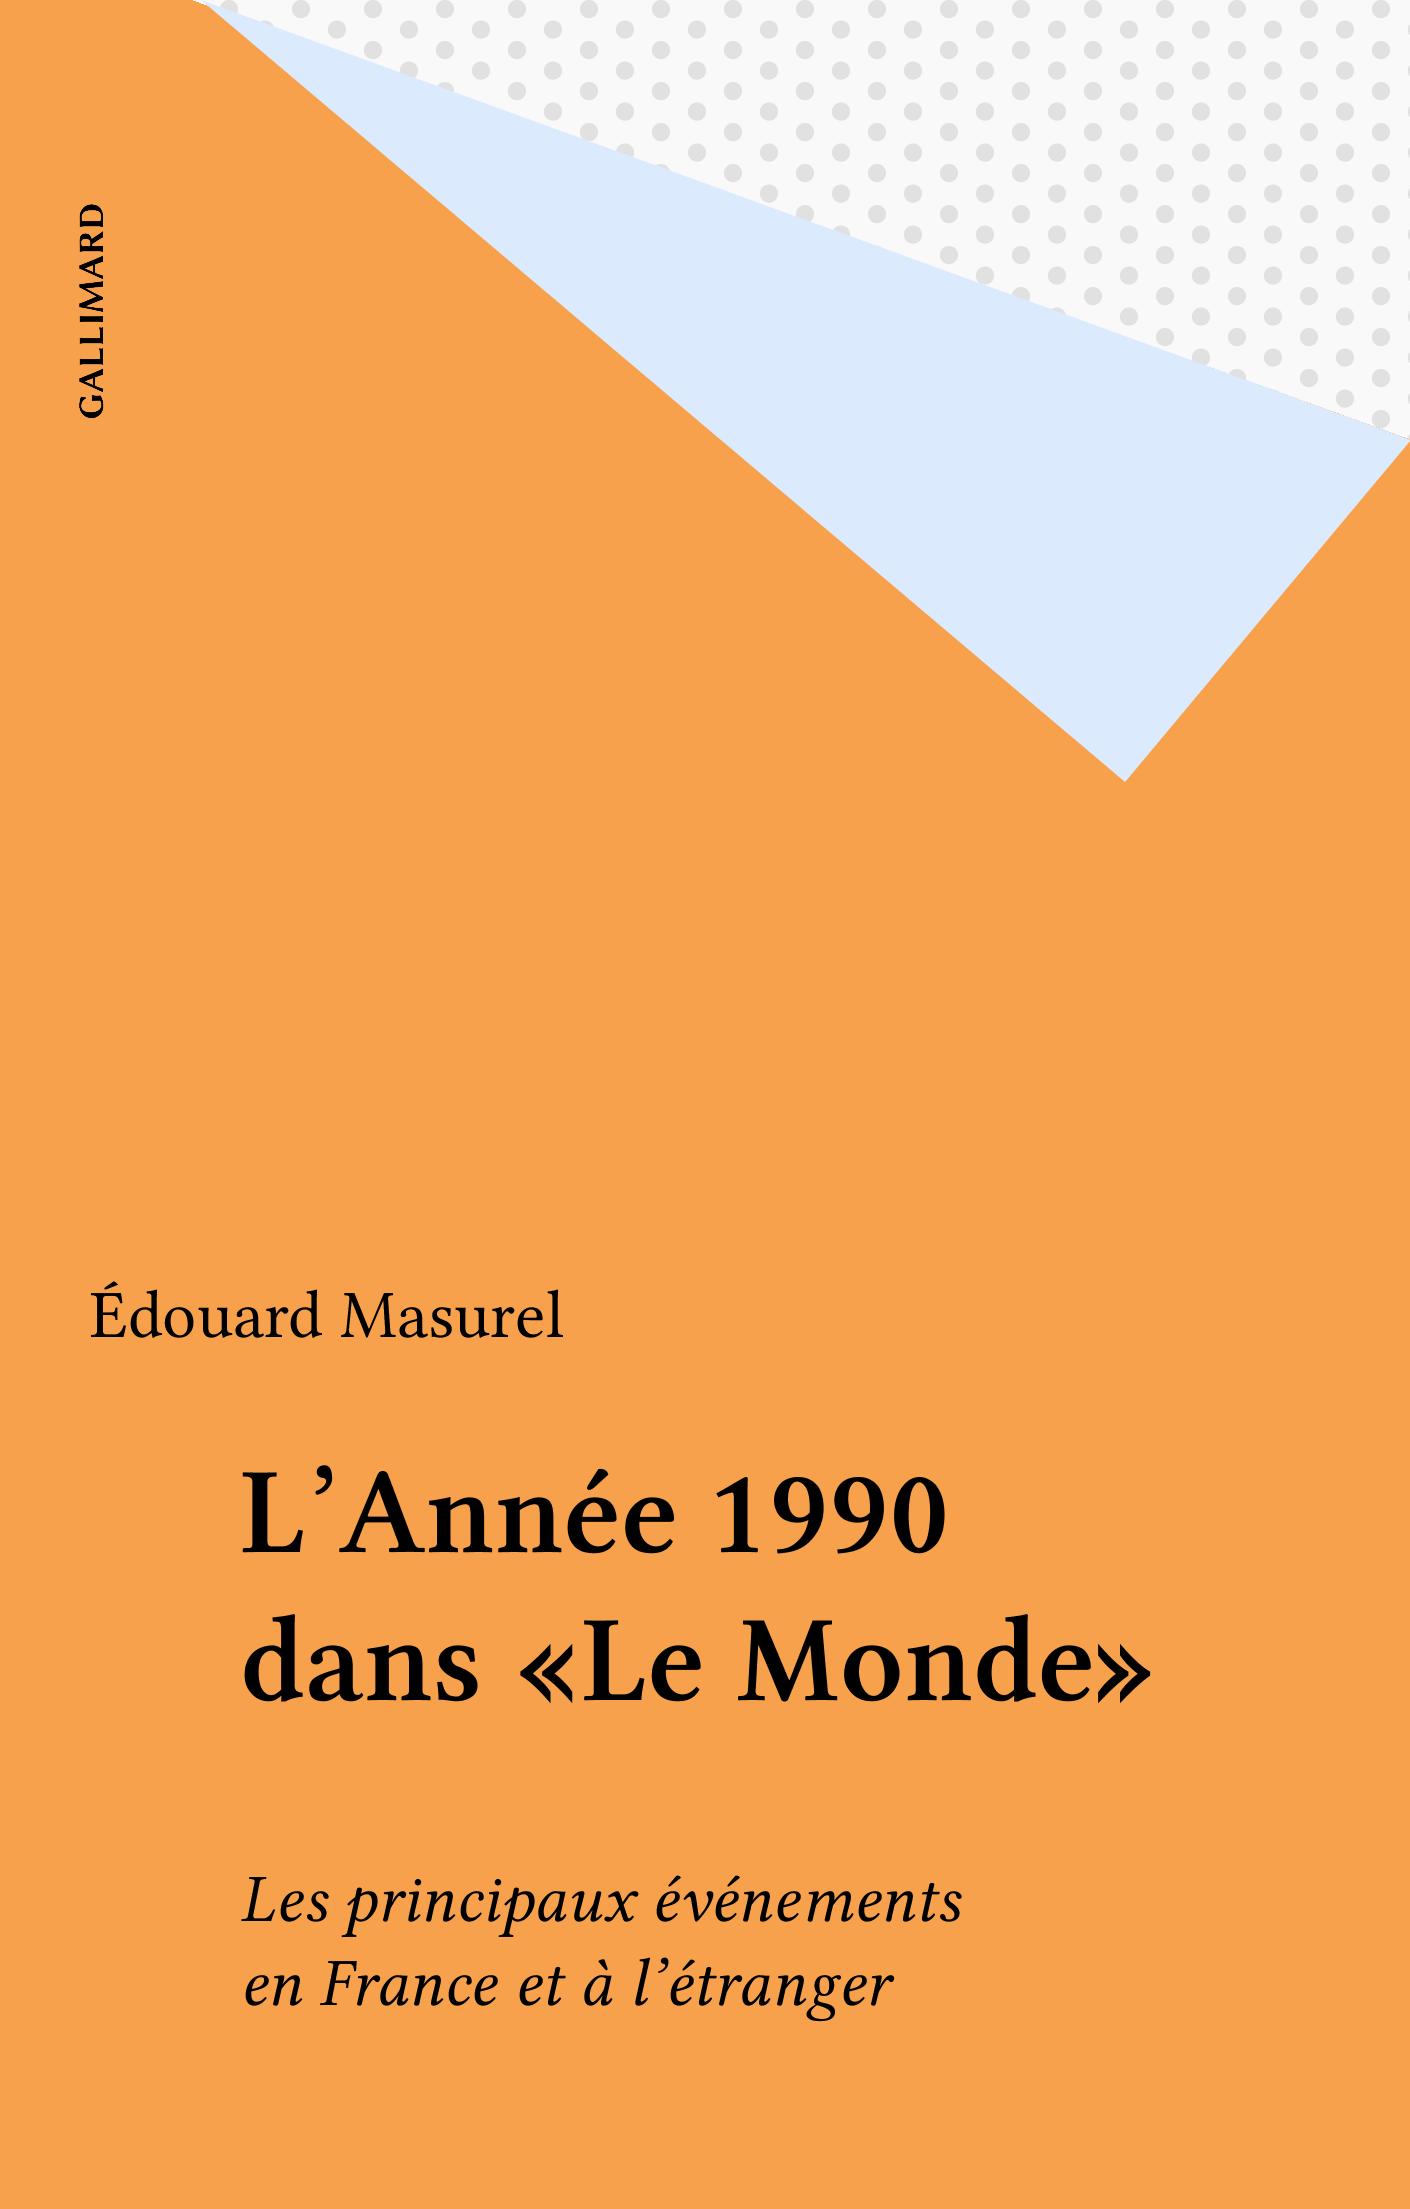 L'Année 1990 dans «Le Monde»